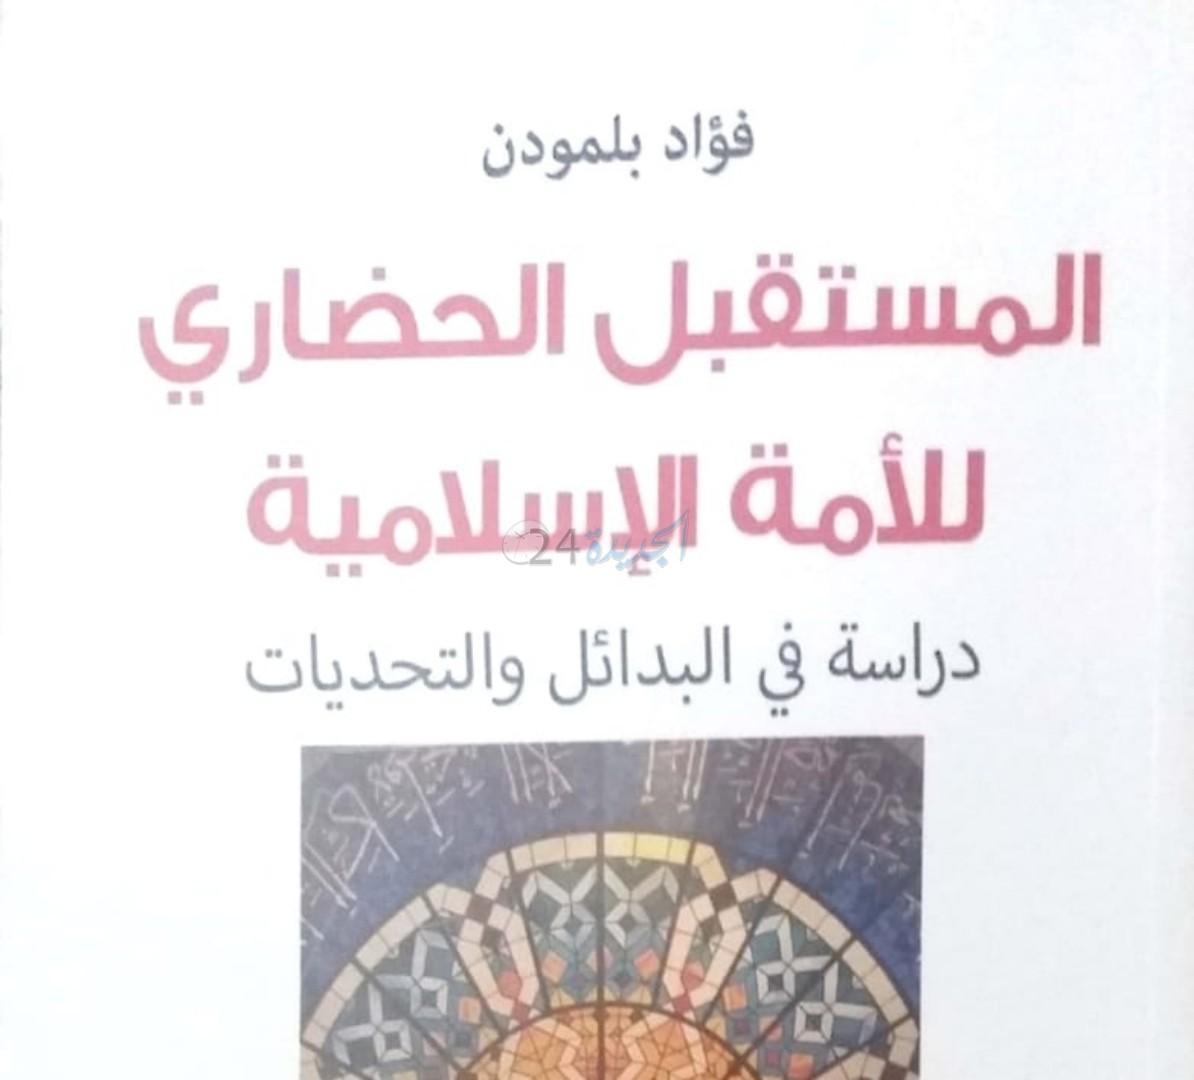 المستقبل الحضاري للأمة الاسلامية- دراسة في البدائل والتحديات